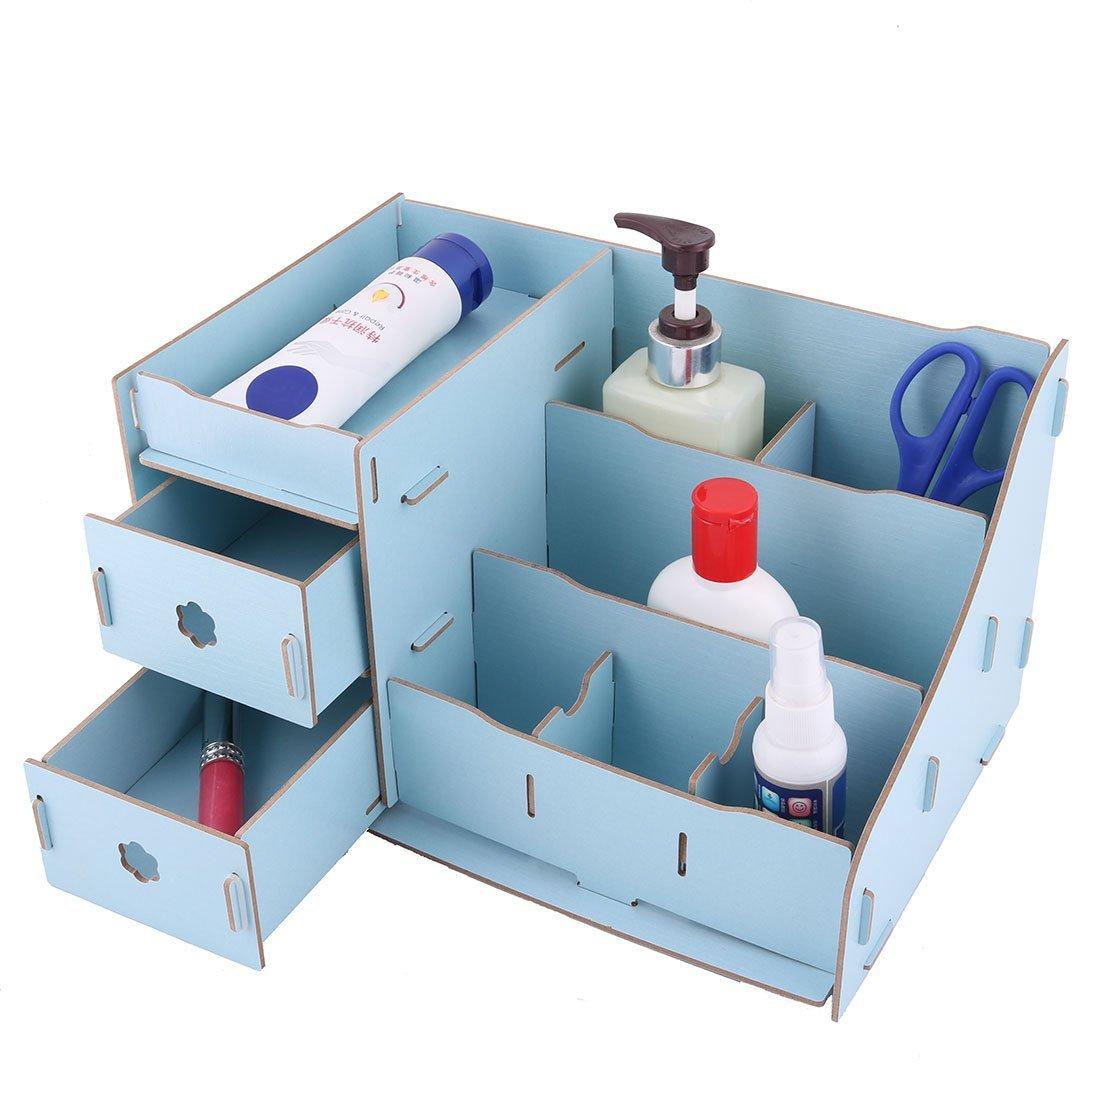 Amazon.com : eDealMax escritorio de Madera mesa de maquillaje extraíble Misceláneas del organizador del almacenaje Caja de Blue Sky : Office Products